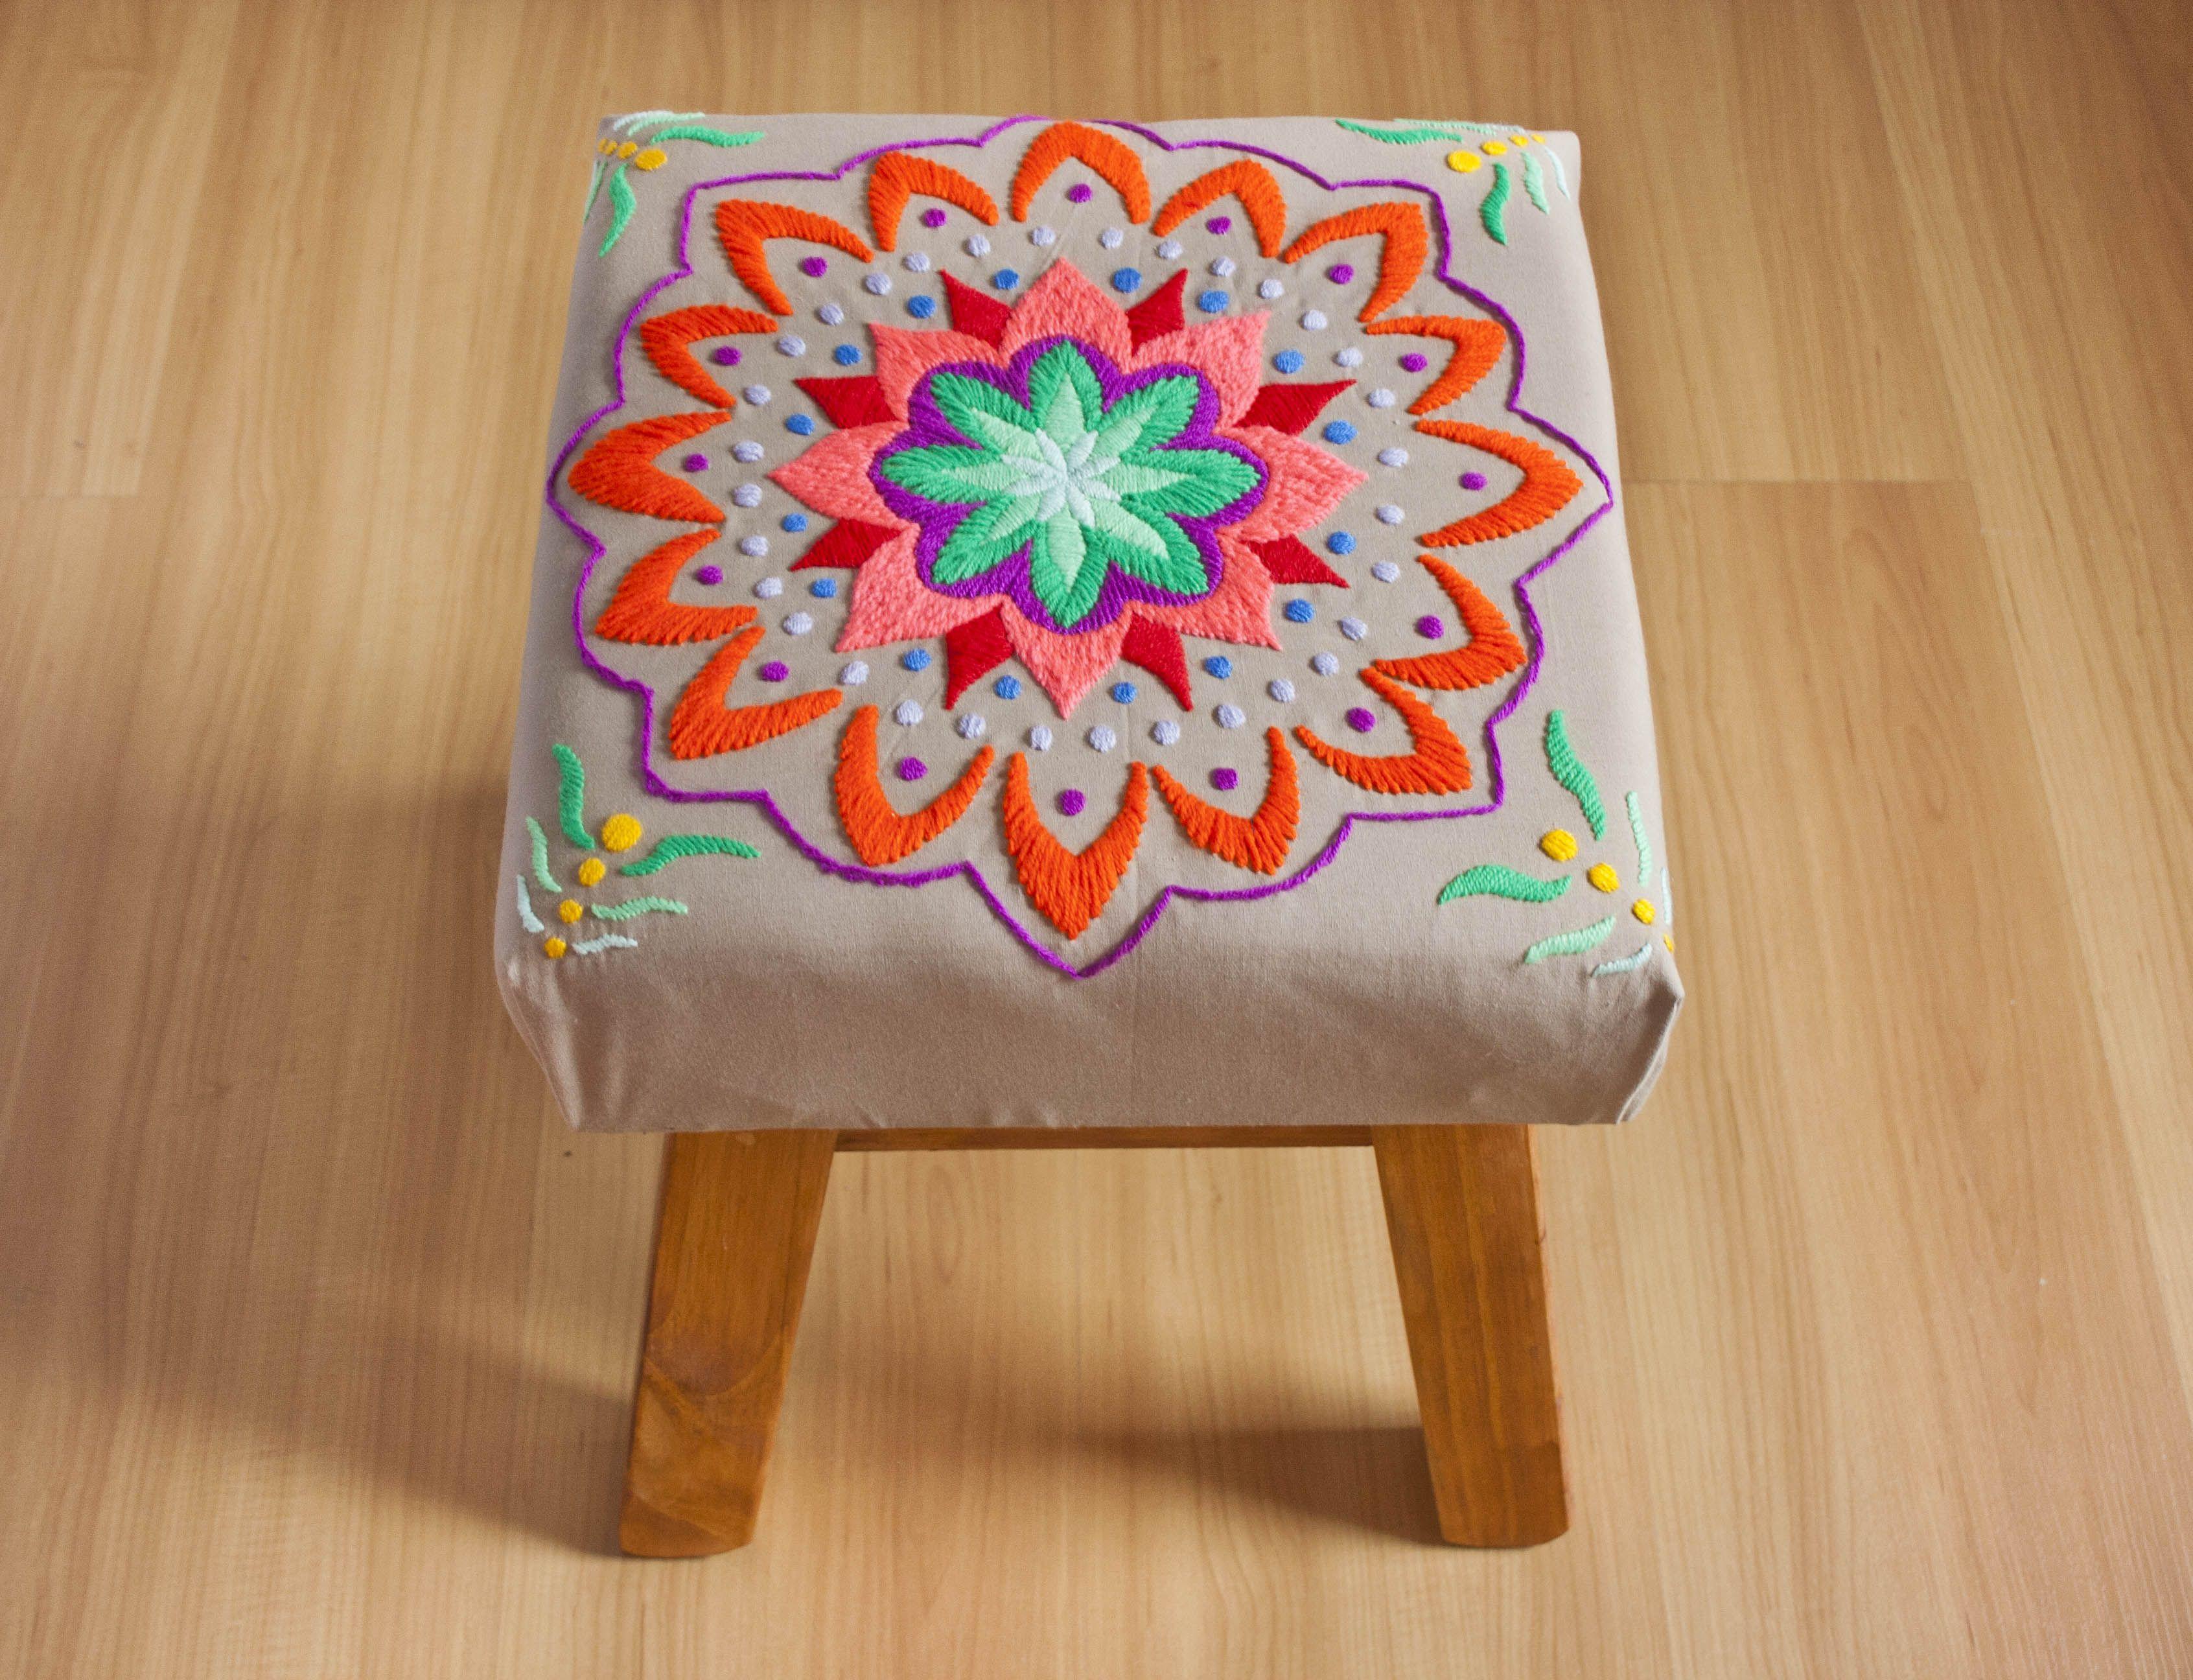 Banco de madera tapizado con mandala bordado a mano - Banco de madera ...